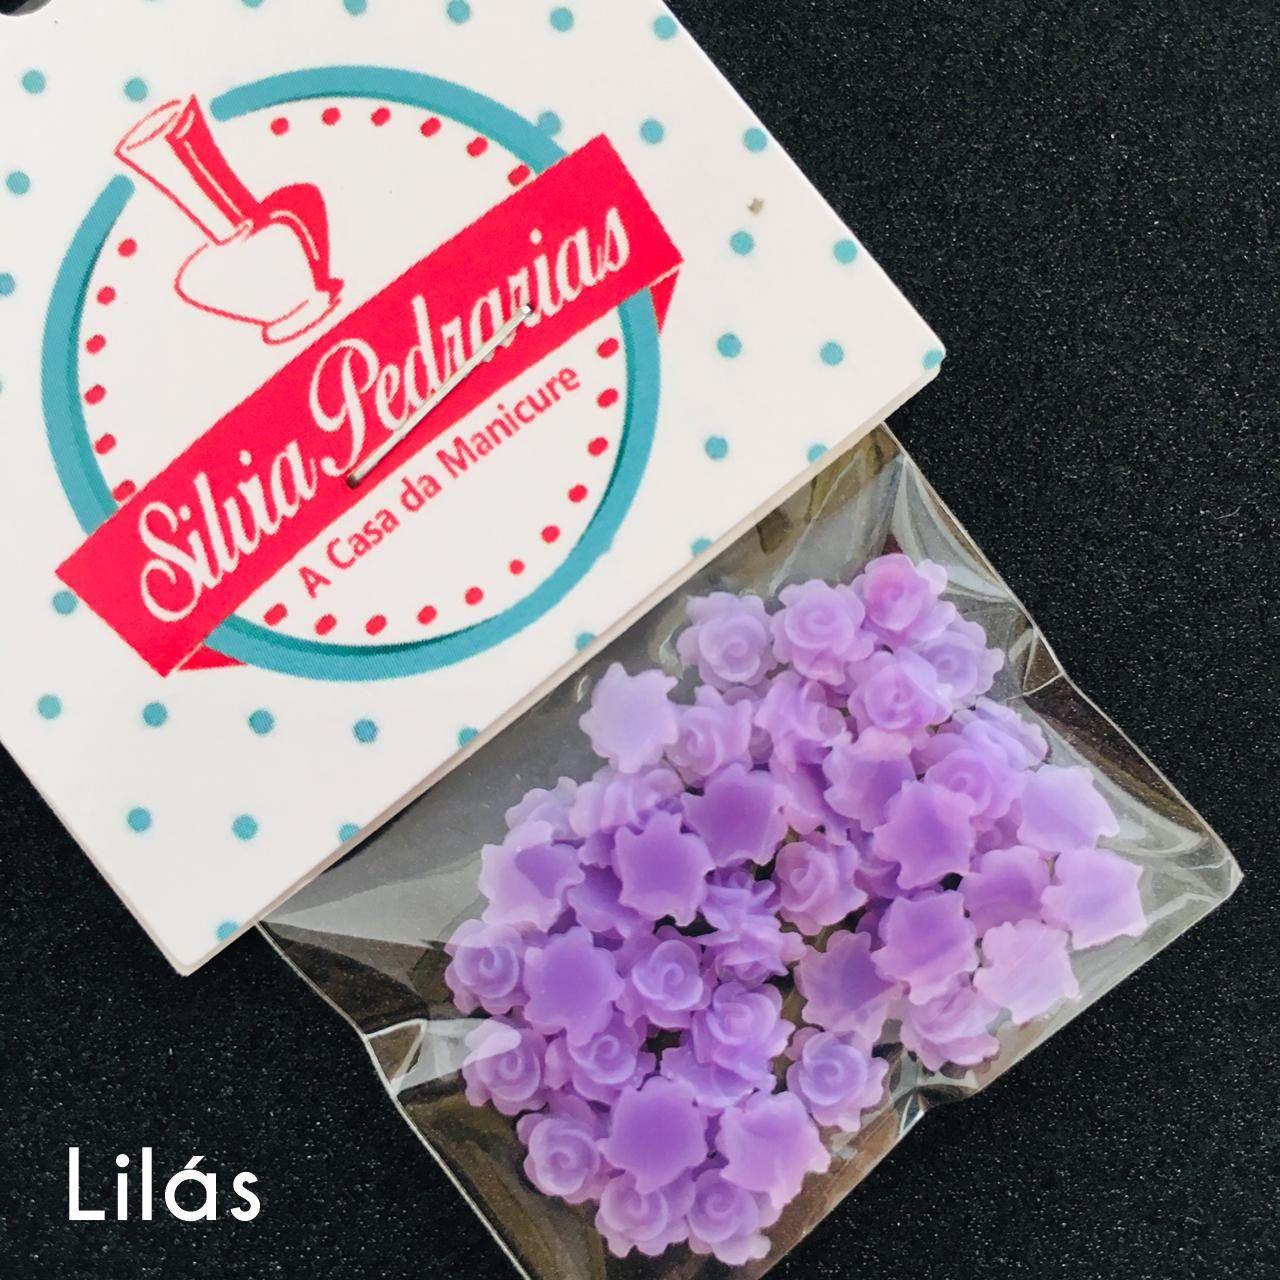 Rosa 3d 5mm varias opcoes em cores (pedraria)  - Sílvia Pedrarias & Cia